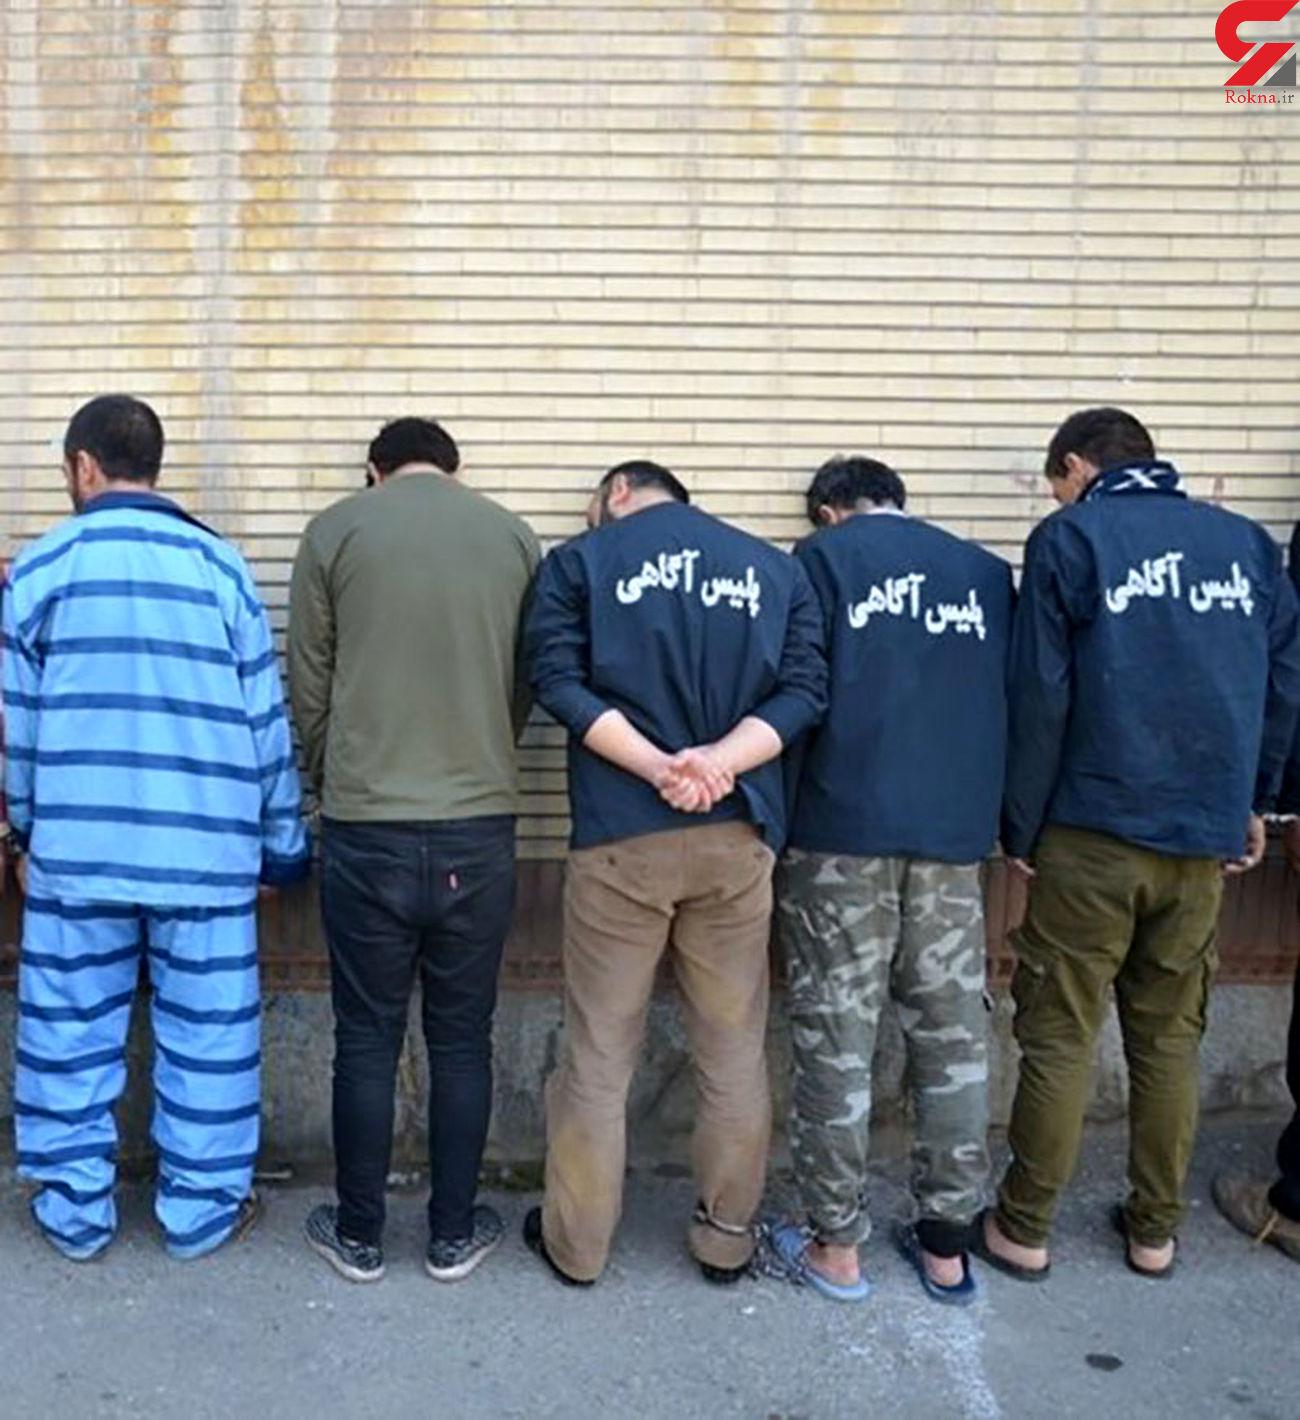 5 مرد خشن غرب تهران را آشفته کرده بودند / آنها با چاقو همه کار می کردند + عکس